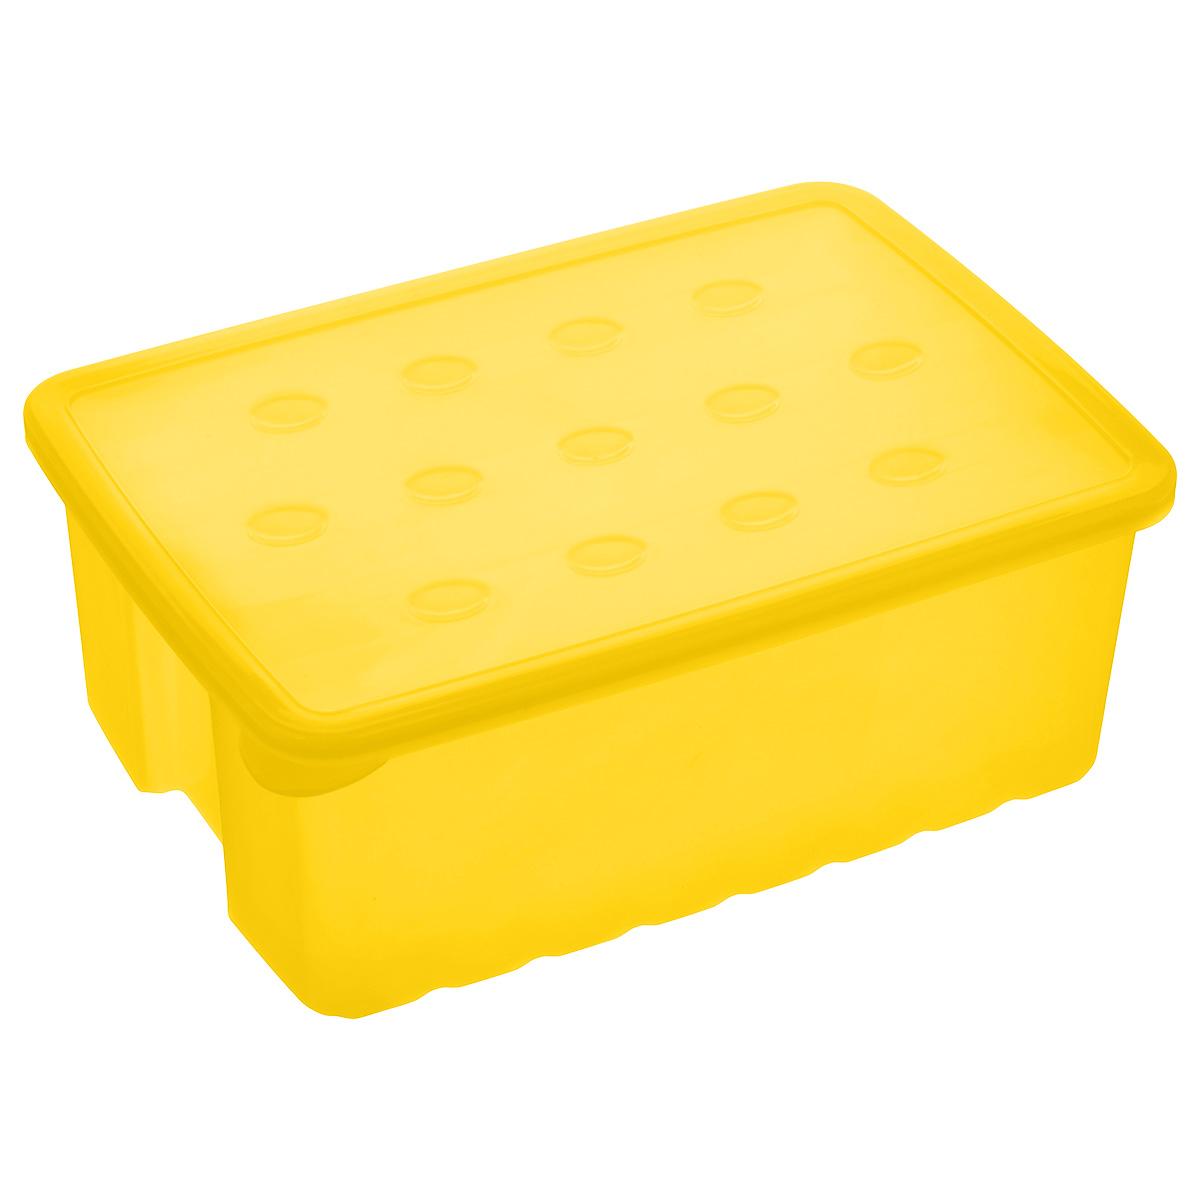 Контейнер для карандашей Альтернатива, цвет: желтый, 22 см х 15,5 см х 8,5 смES-412Контейнер Альтернатива изготовлен из высококачественного цветного пластика и плотно закрывается крышкой. Контейнер очень вместителен и поможет вам хранить все необходимые мелочи, например, ручки, фломастеры, карандаши и другое, в одном месте.